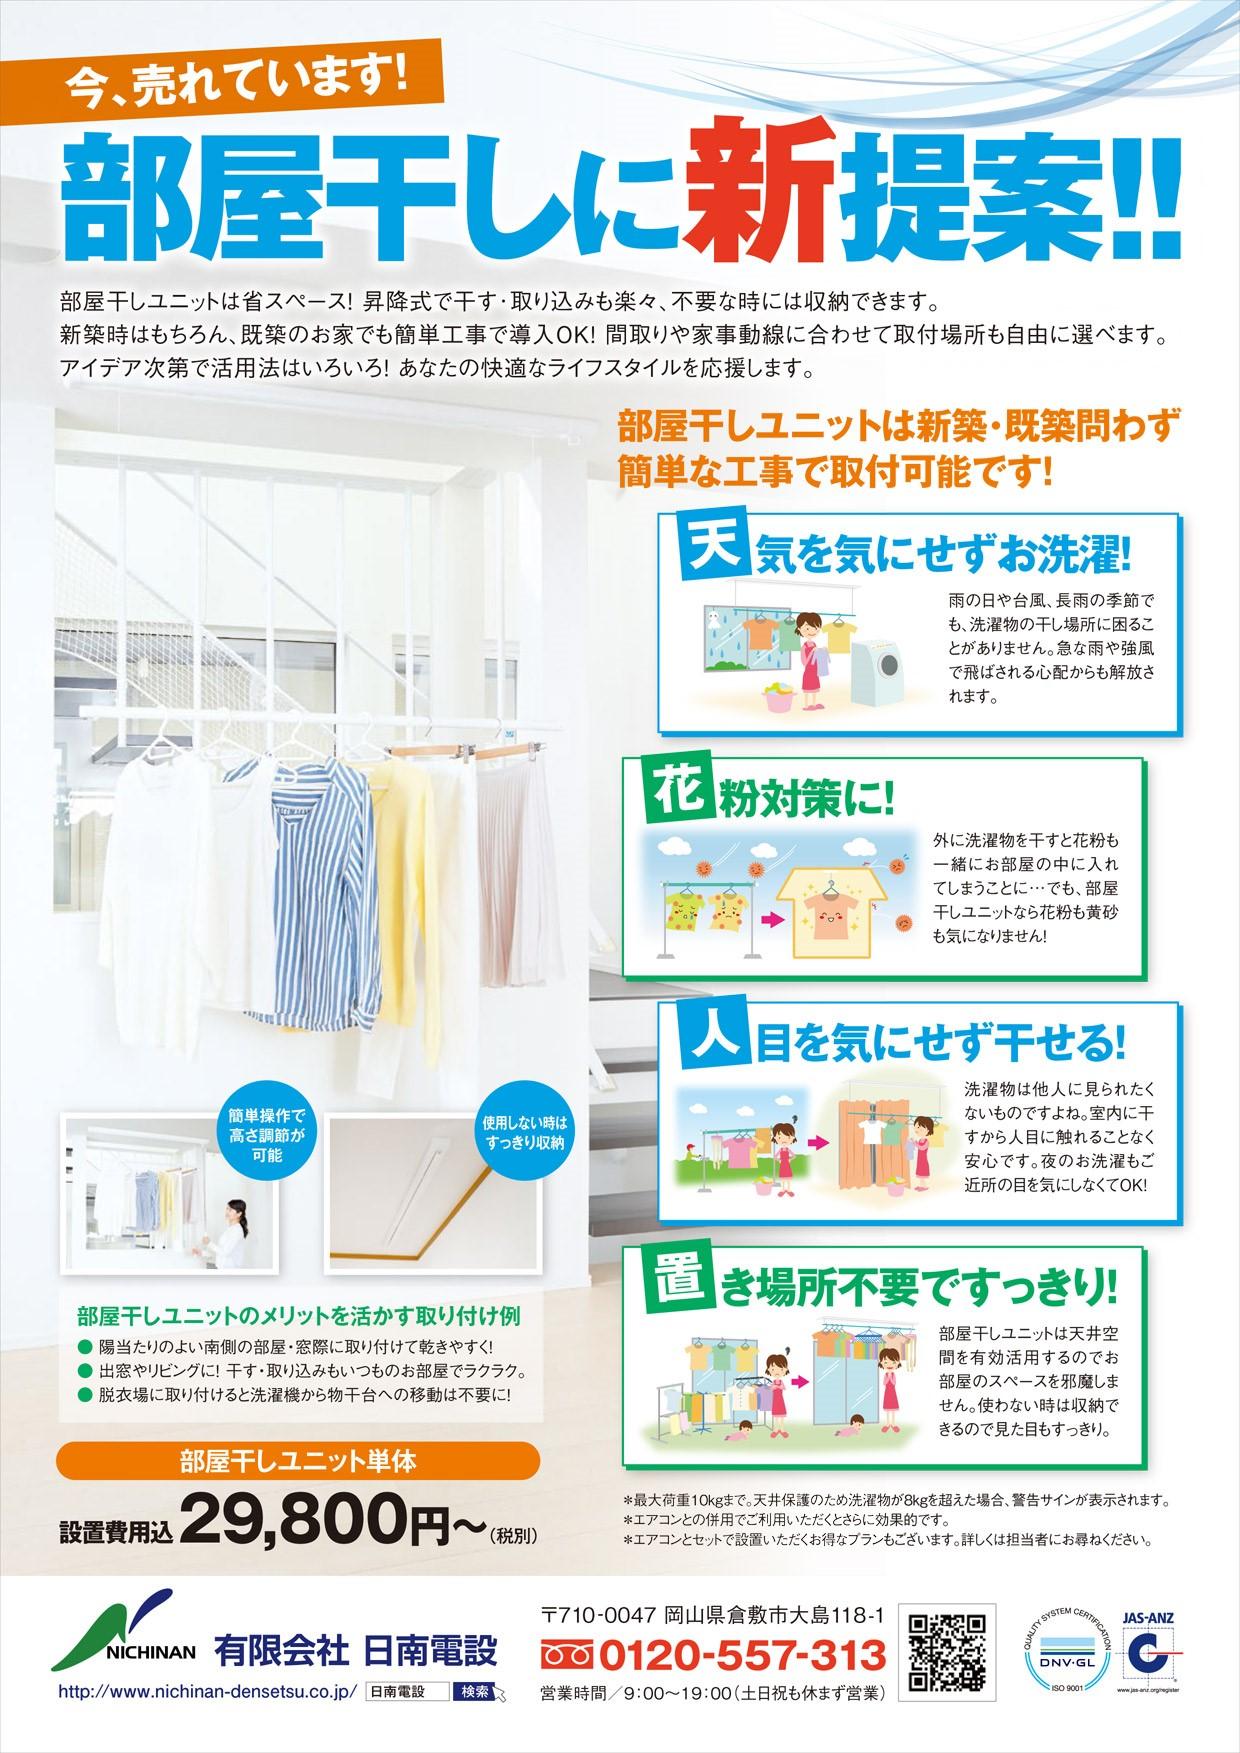 花粉症対策に新提案!洗濯物の部屋干し!